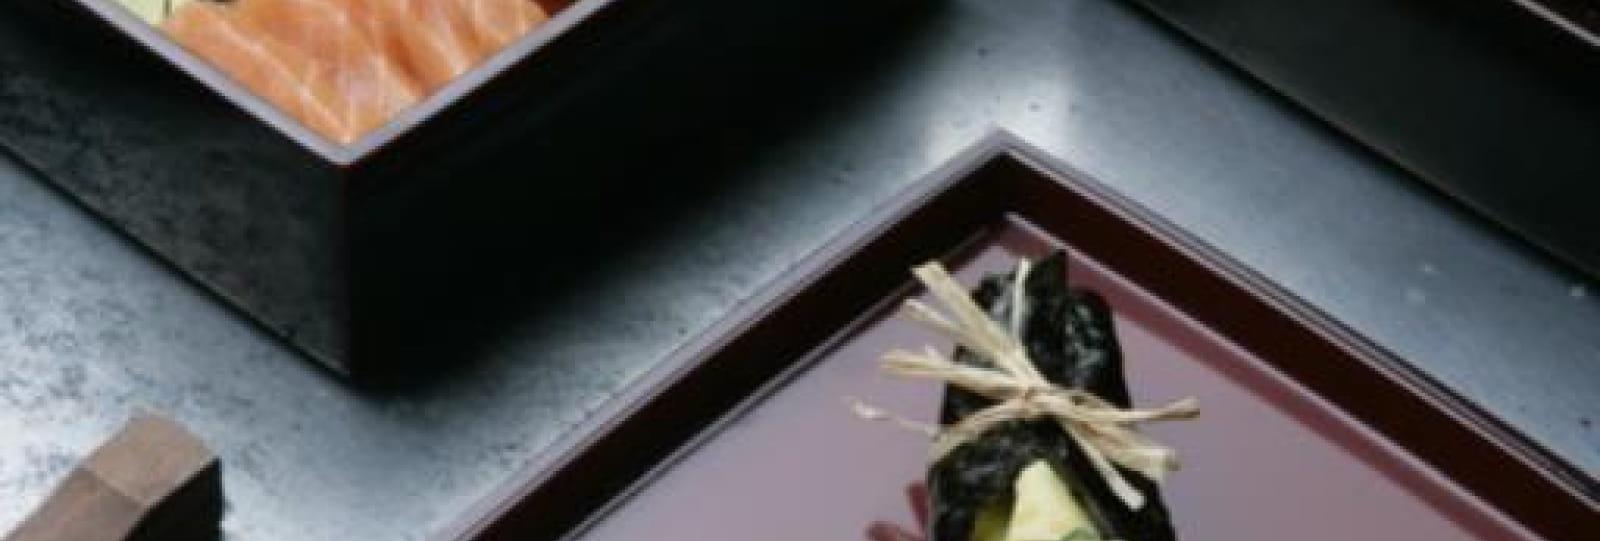 Ateliers Shi-Zen : cuisine japonaise, shiatsu et méditation